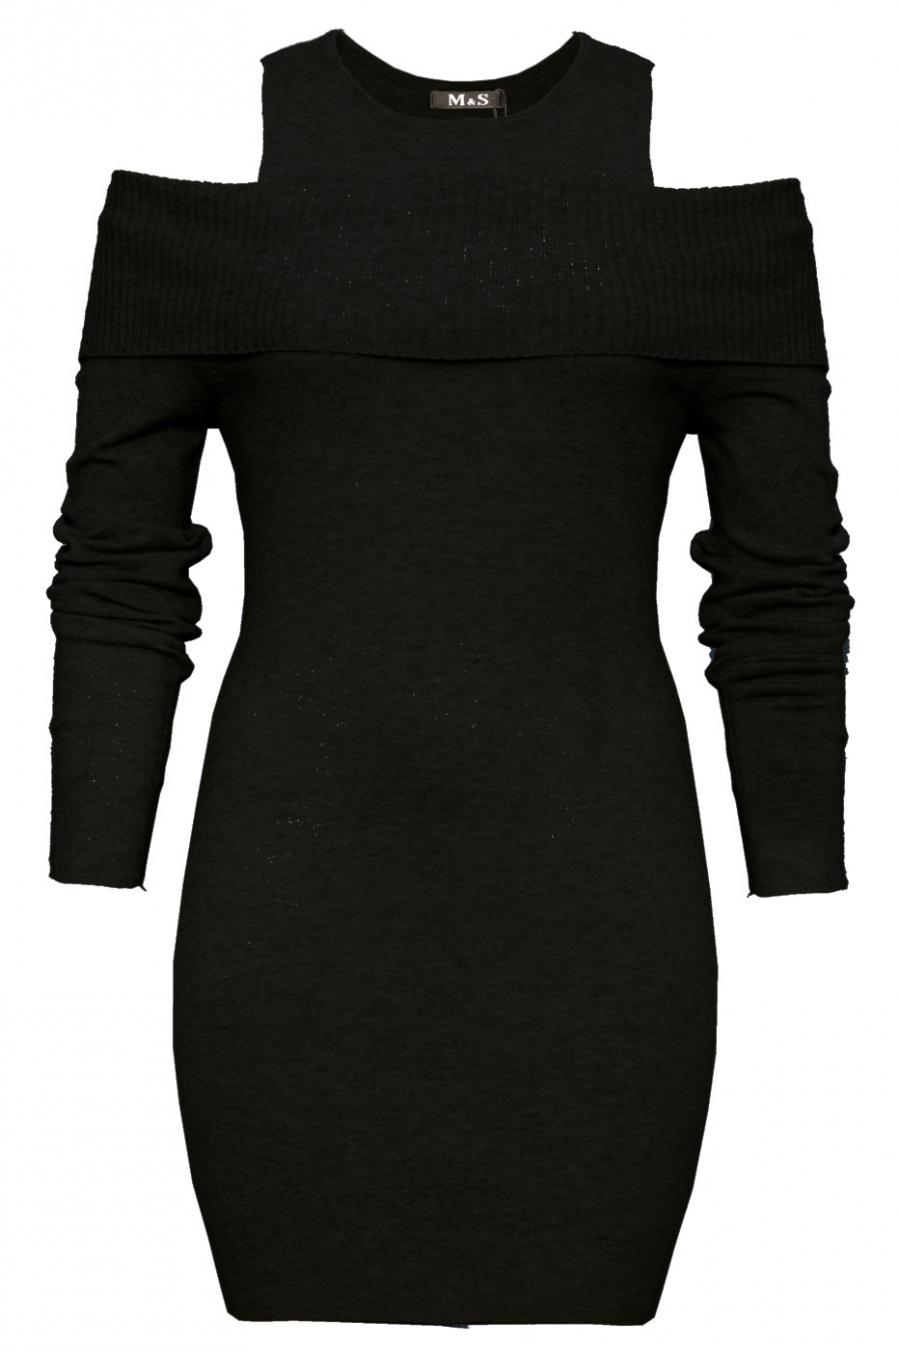 Magnifique tunique épaule ouverte. Vêtement mode tendance 1969